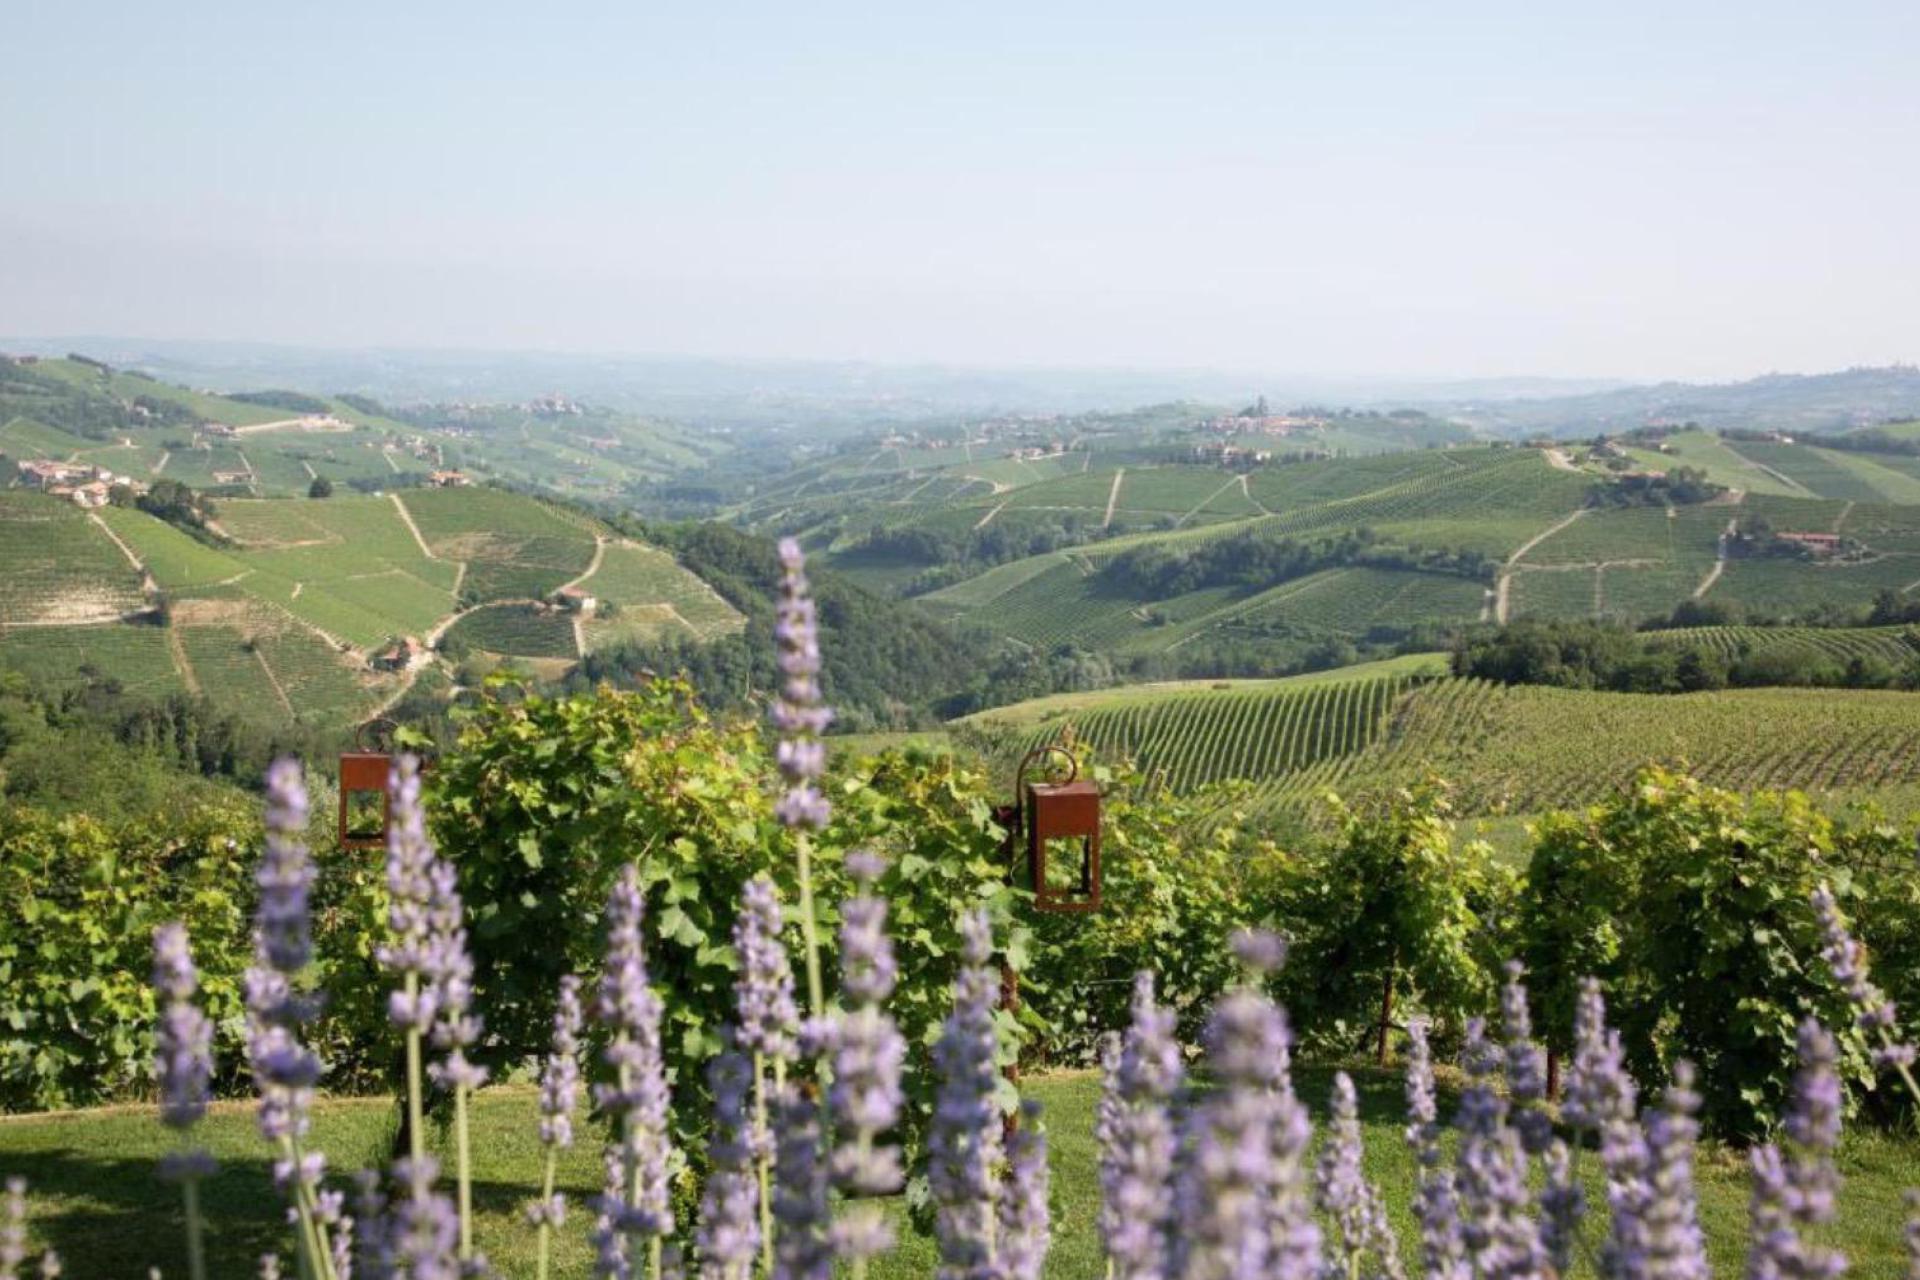 Agriturismo Piemonte Agriturismo Piemonte, goed restaurant en wijnkelder